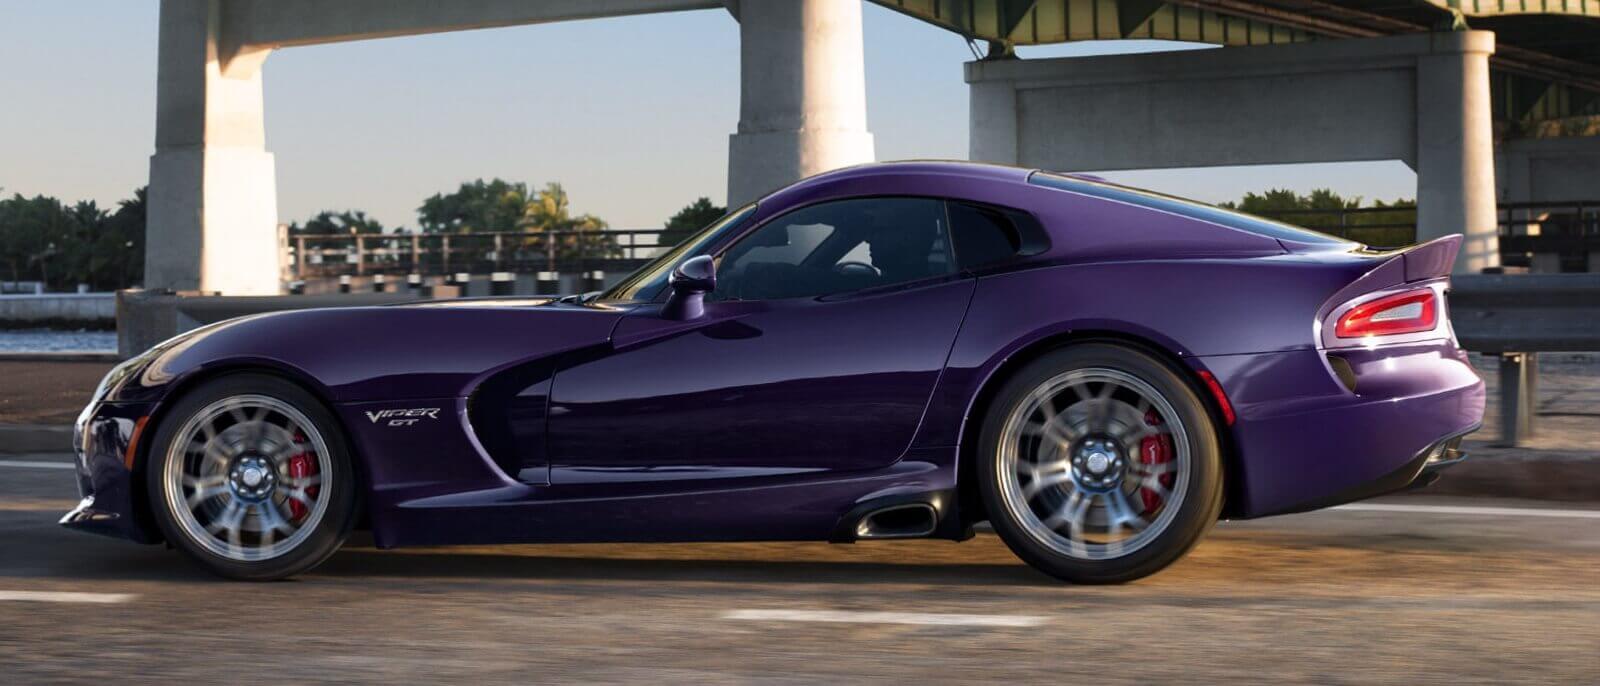 2016 Dodge Viper purple